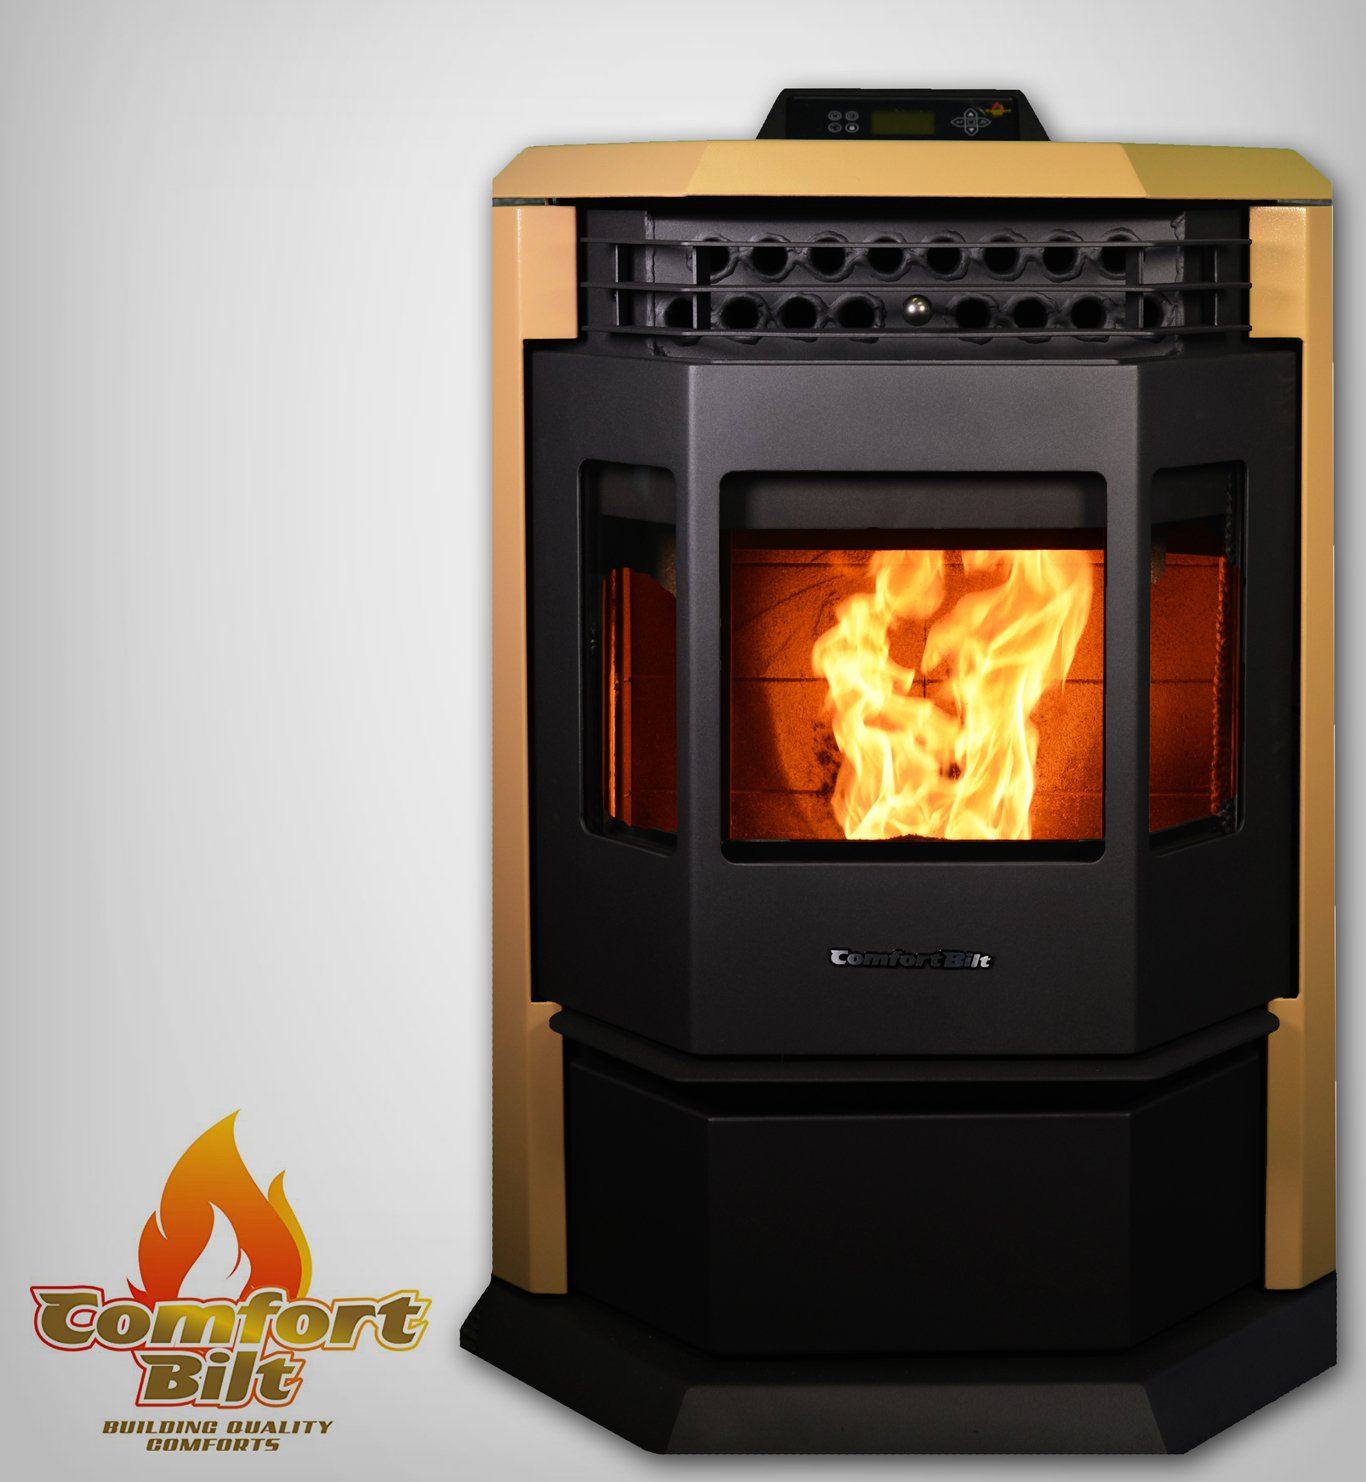 Comfortbilt Pellet Stove-HP22 50,000 BTU - Now Available in Apricot! by Comfortbilt